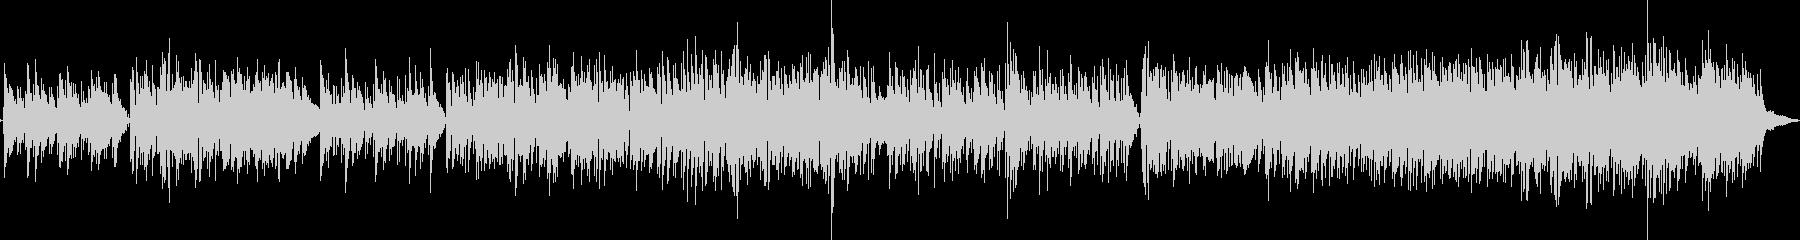 フュージョン系モダンなジャズギターポップの未再生の波形